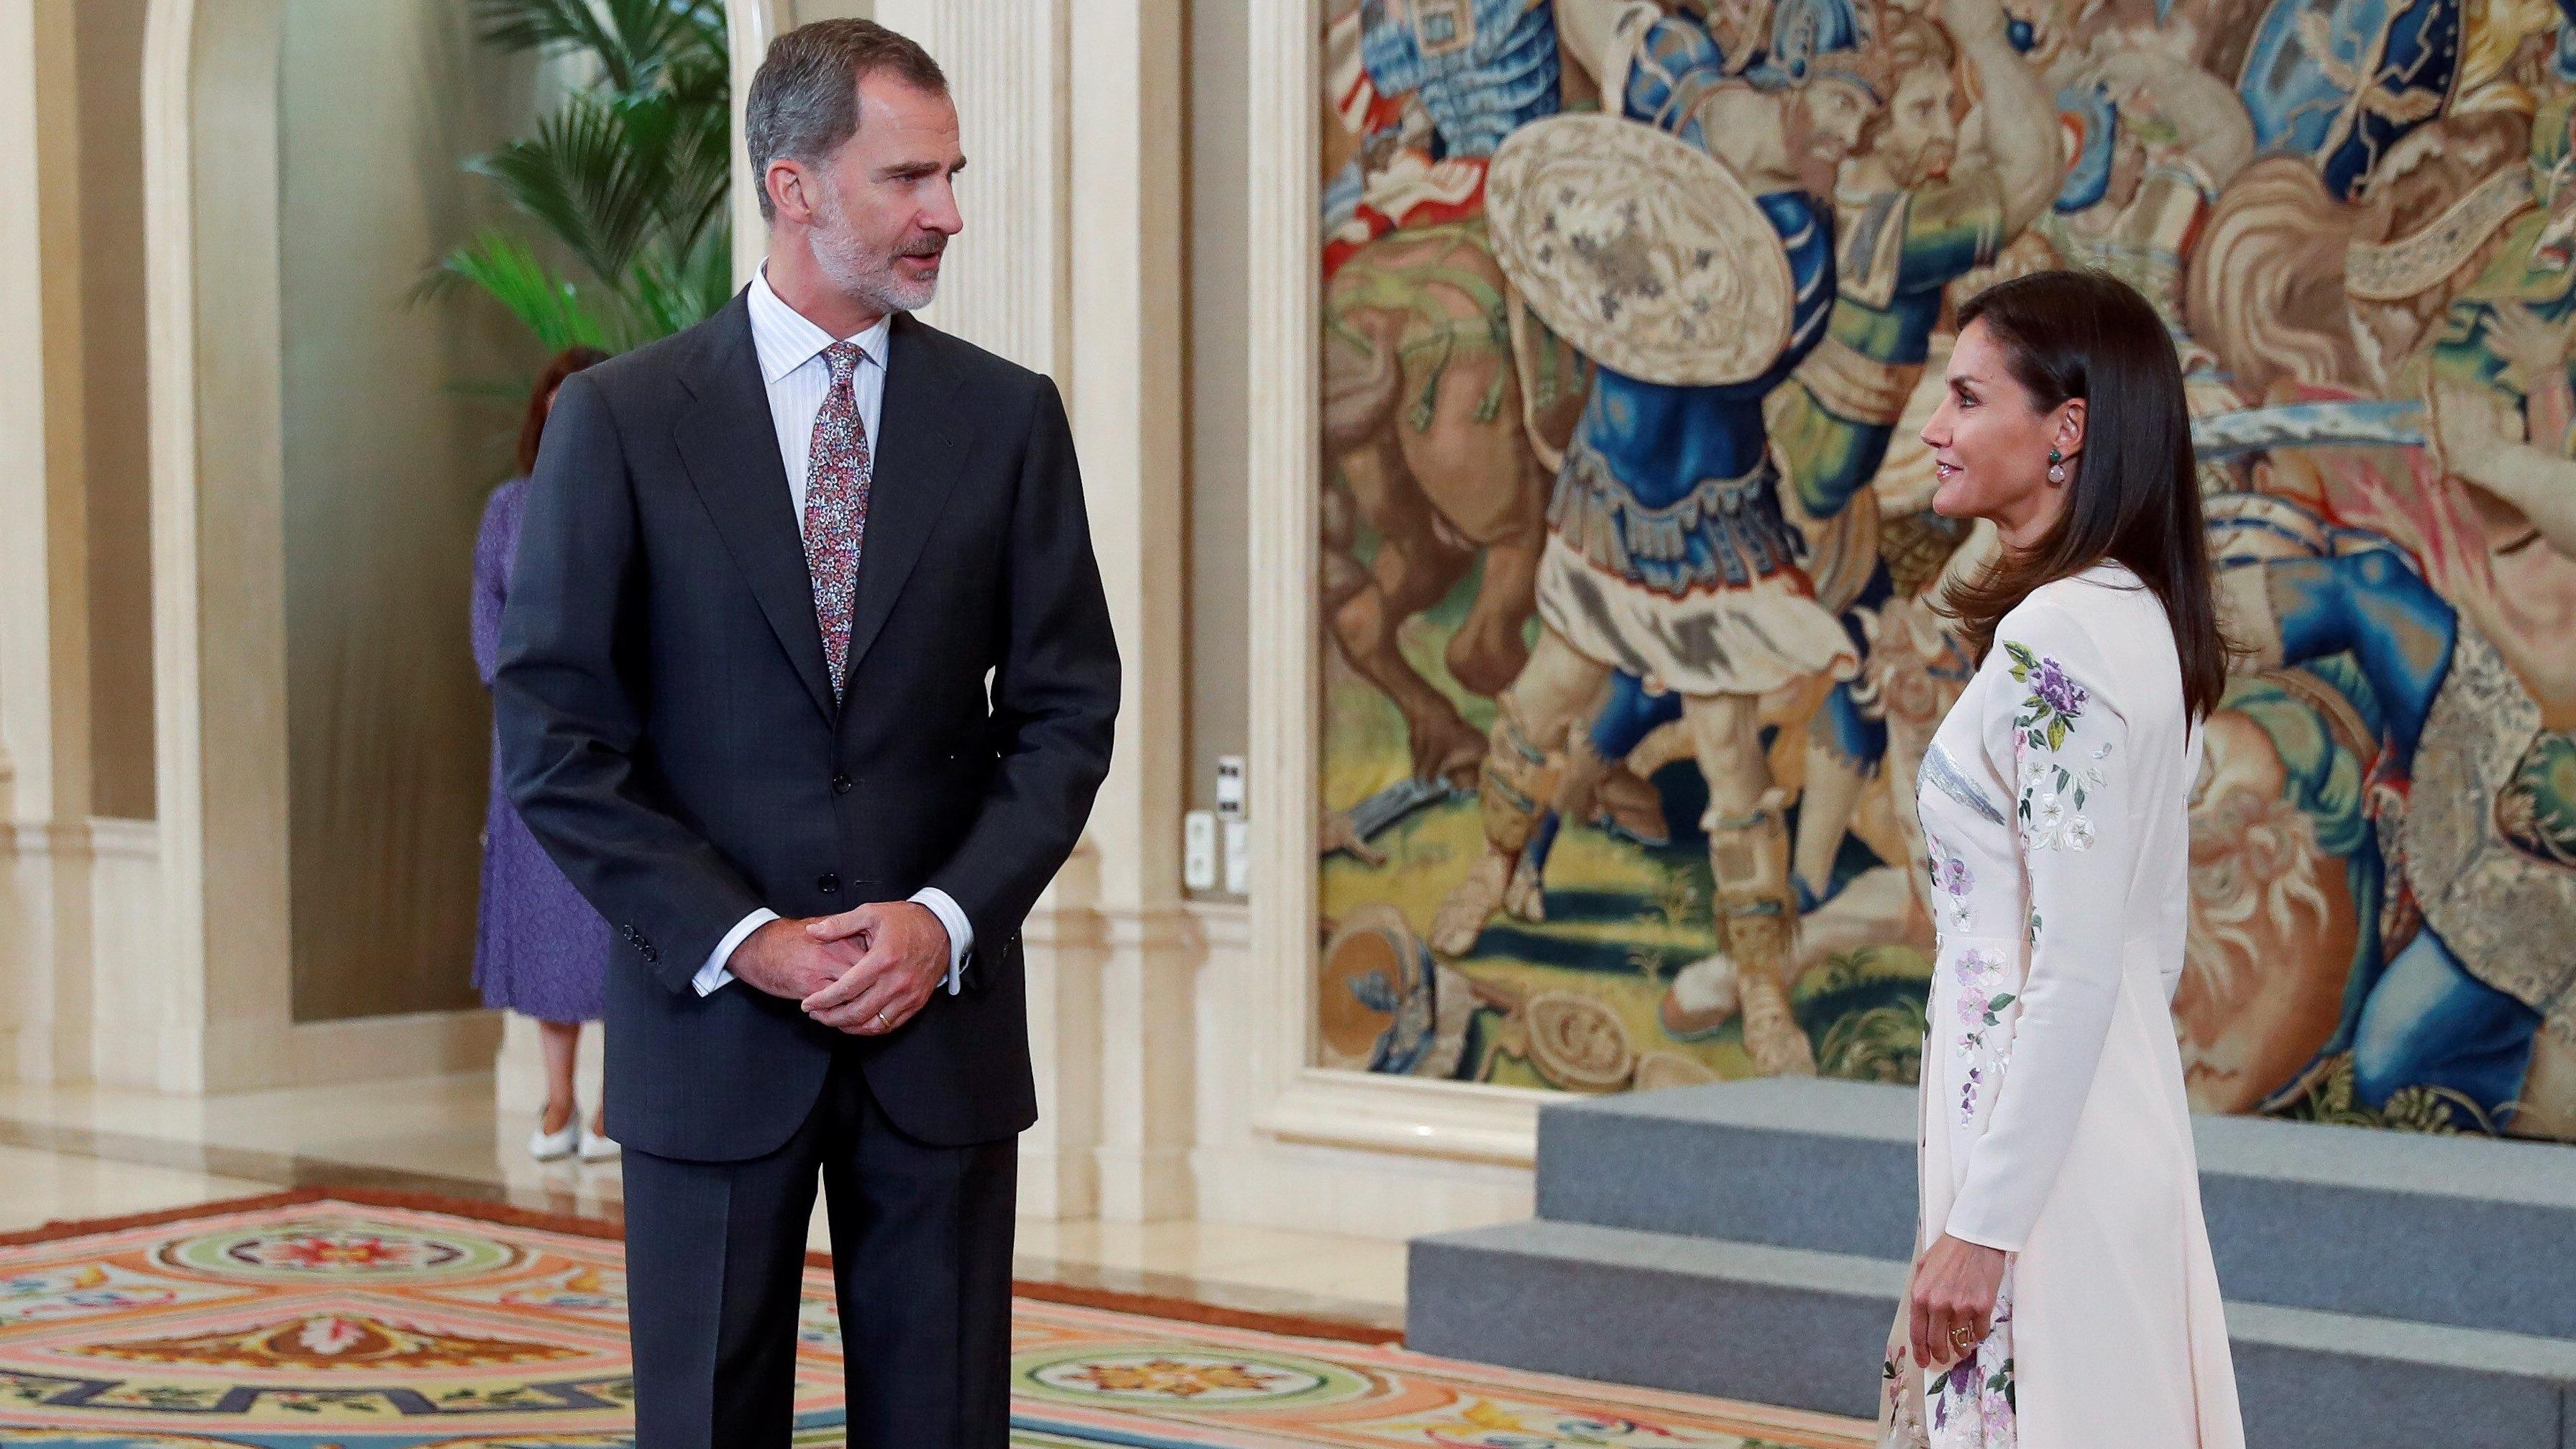 Los reyes de España protagonizaron un tenso momento que llamó la atención de los medios de comunicación